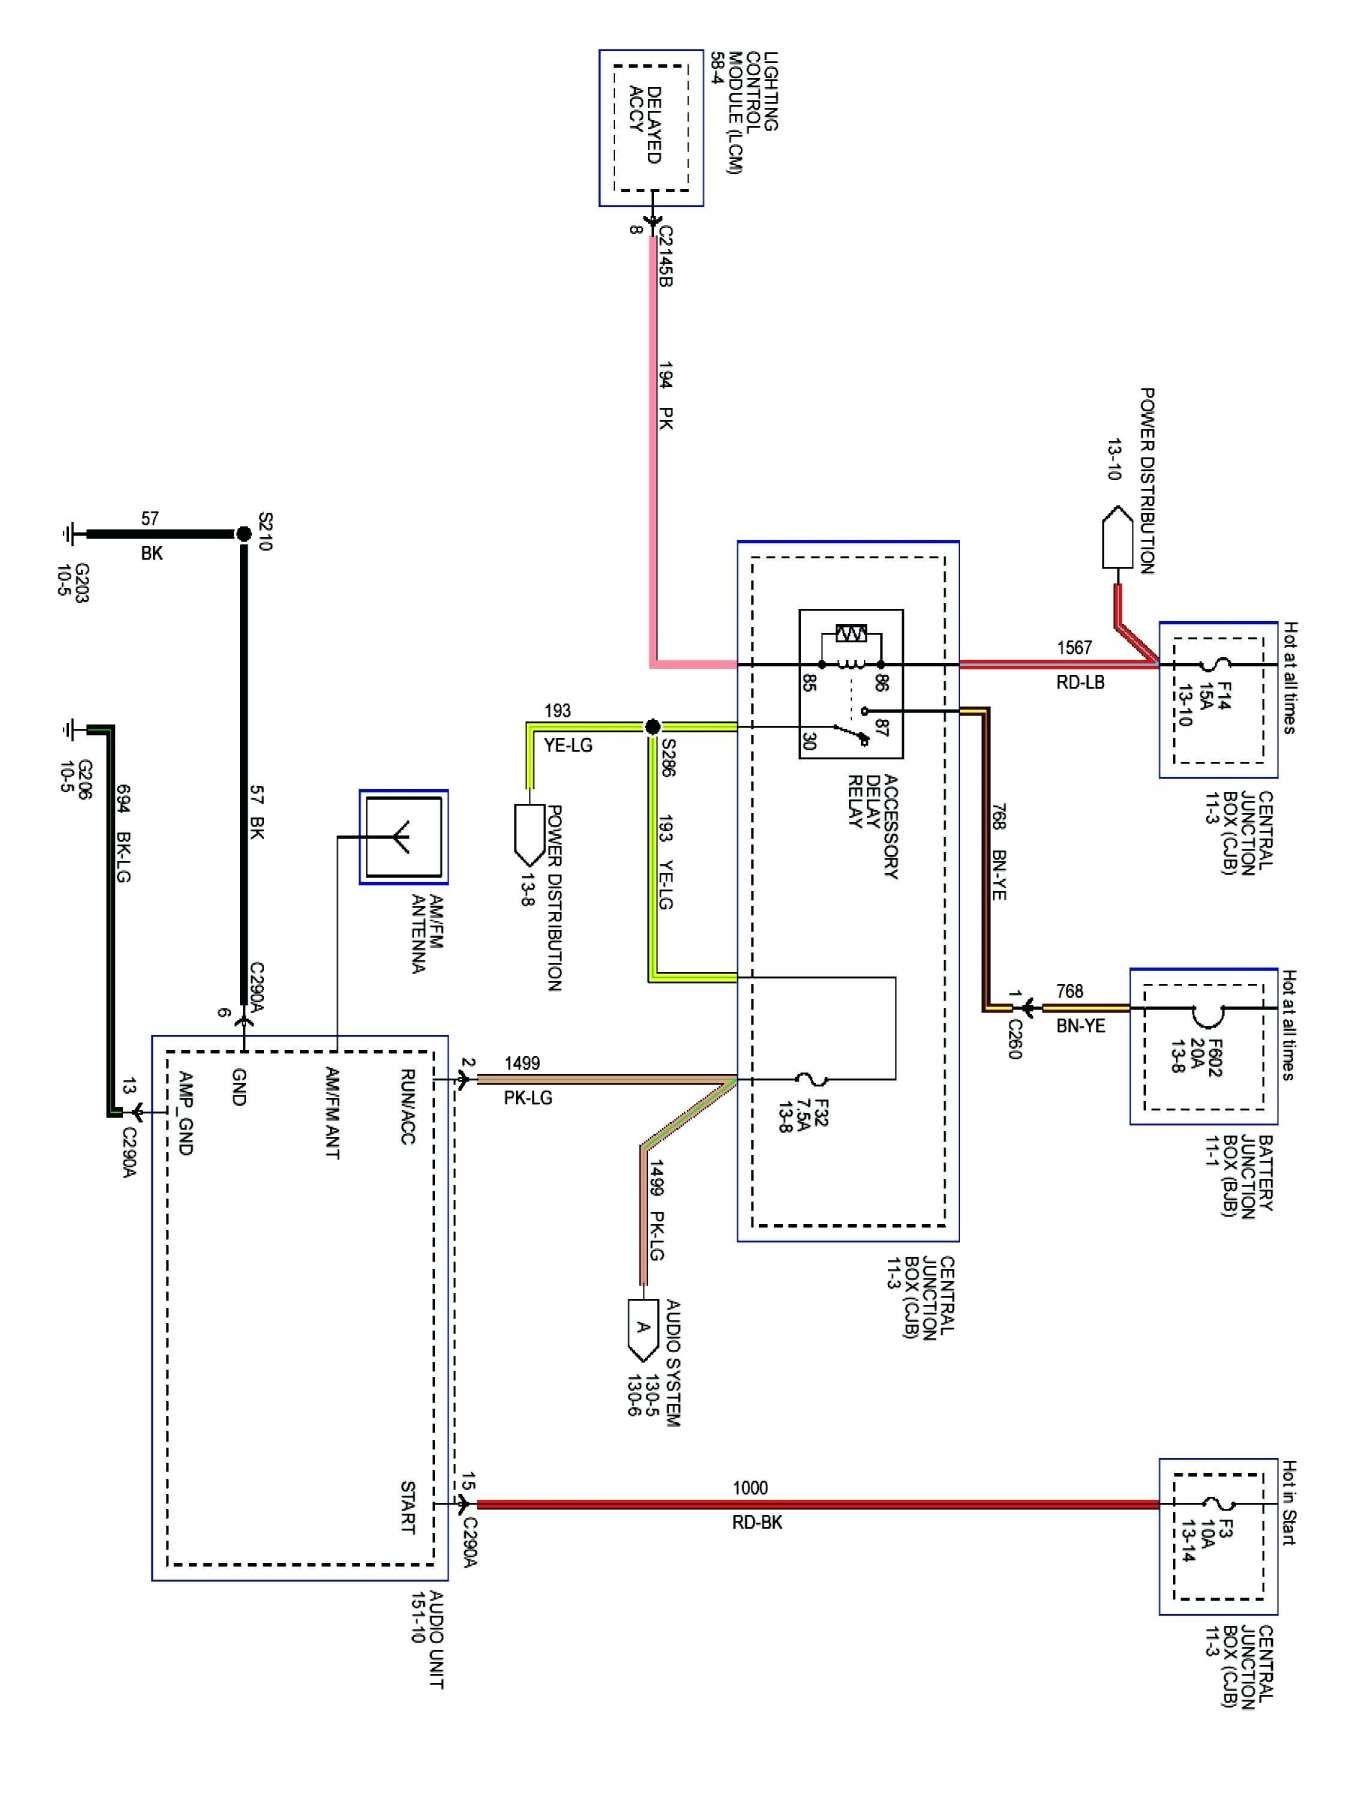 12 1986 Lincoln Town Car Wiring Diagram Car Diagram Wiringg Net Lincoln Town Car Diagram Towns